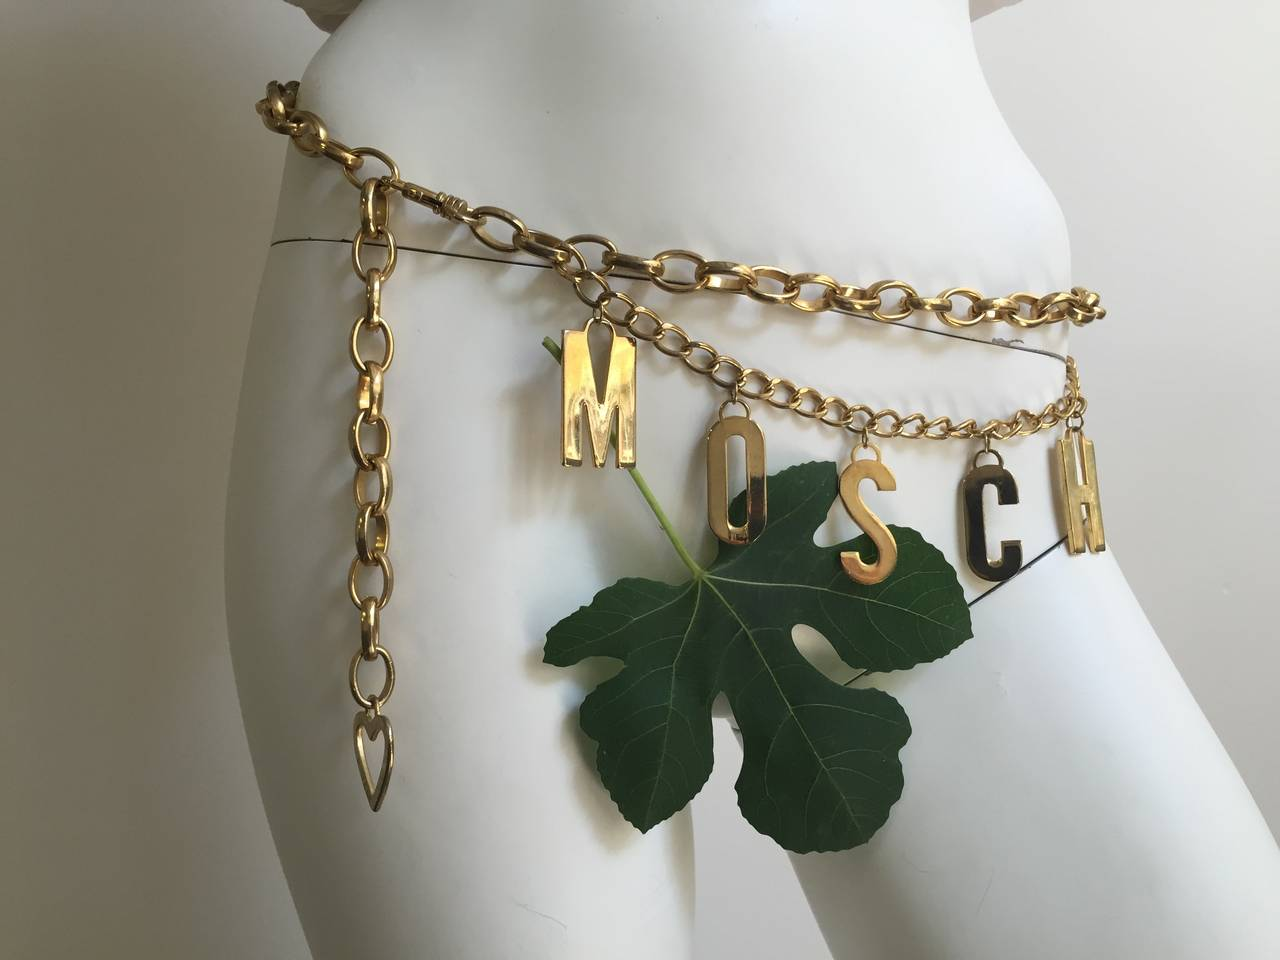 Moschino 80s gold chain adjustable waist belt. 6